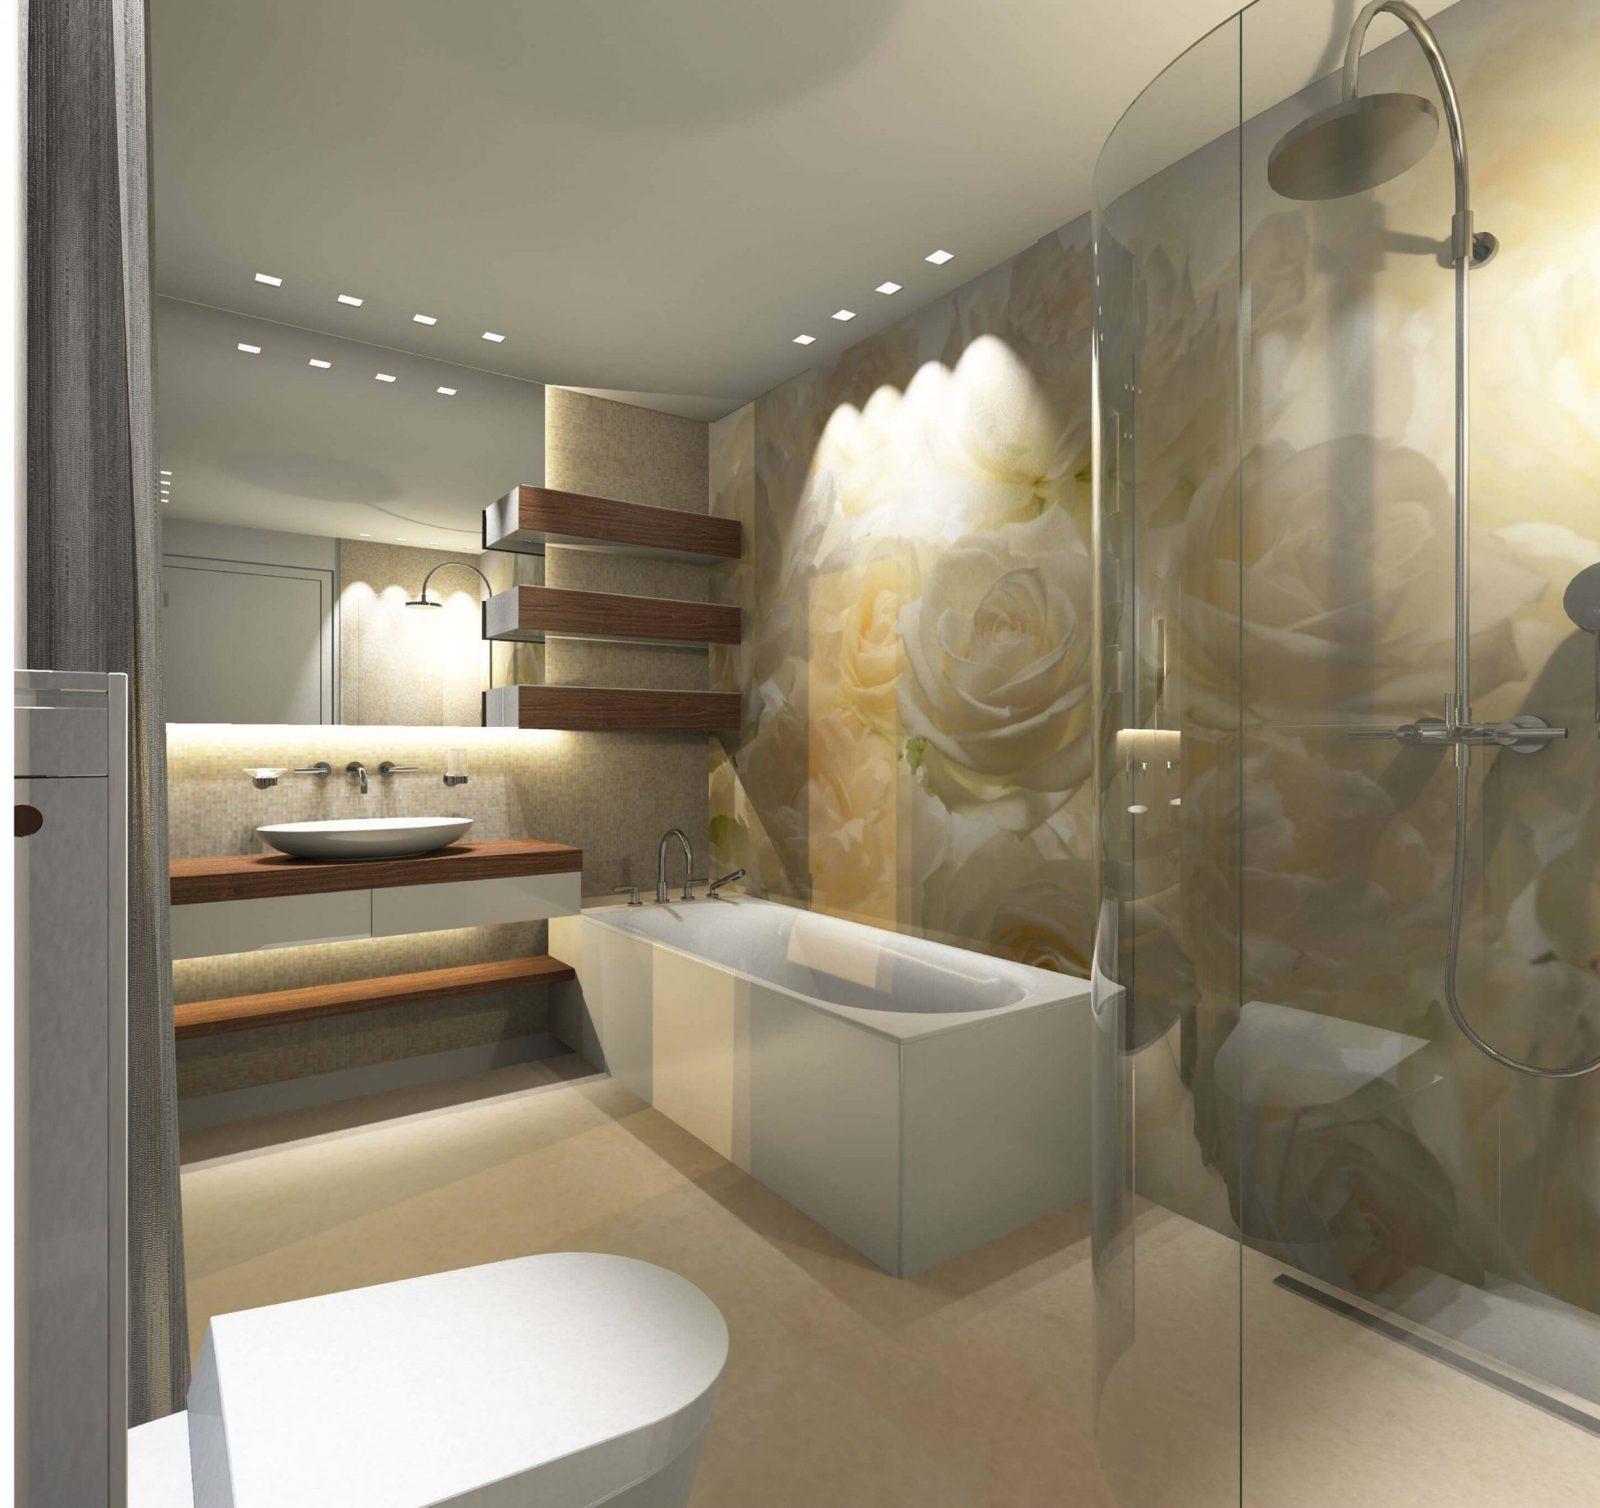 badplanung 2018 funktionalit t und design luxuri s. Black Bedroom Furniture Sets. Home Design Ideas